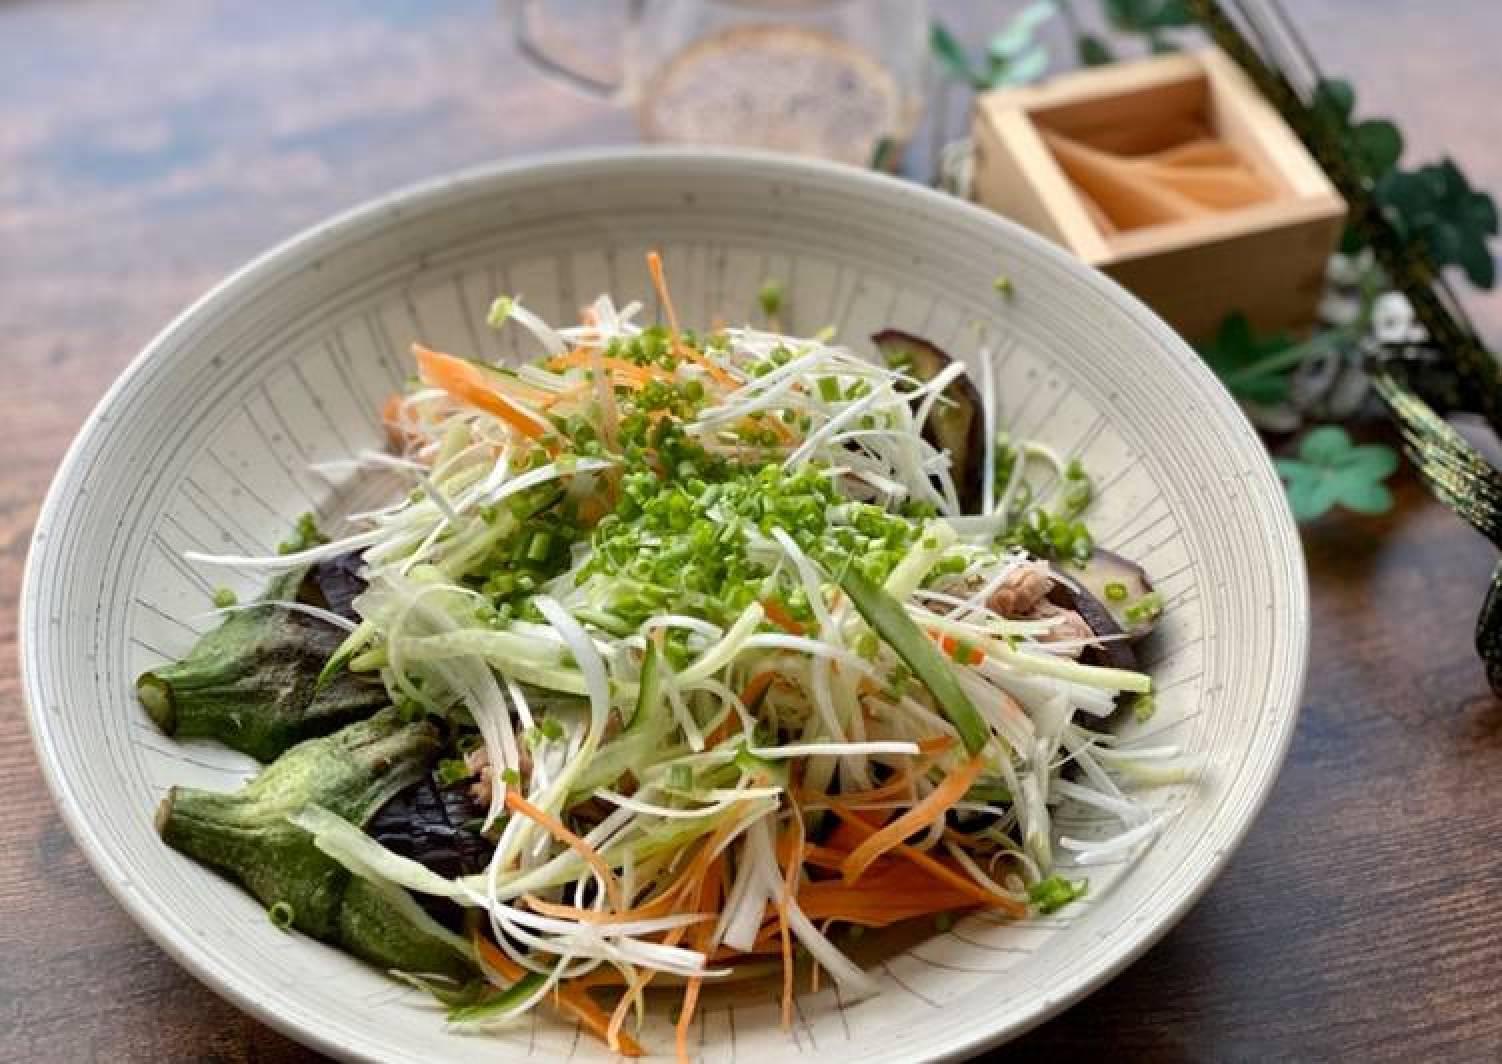 Eggplant And Tuna Salad